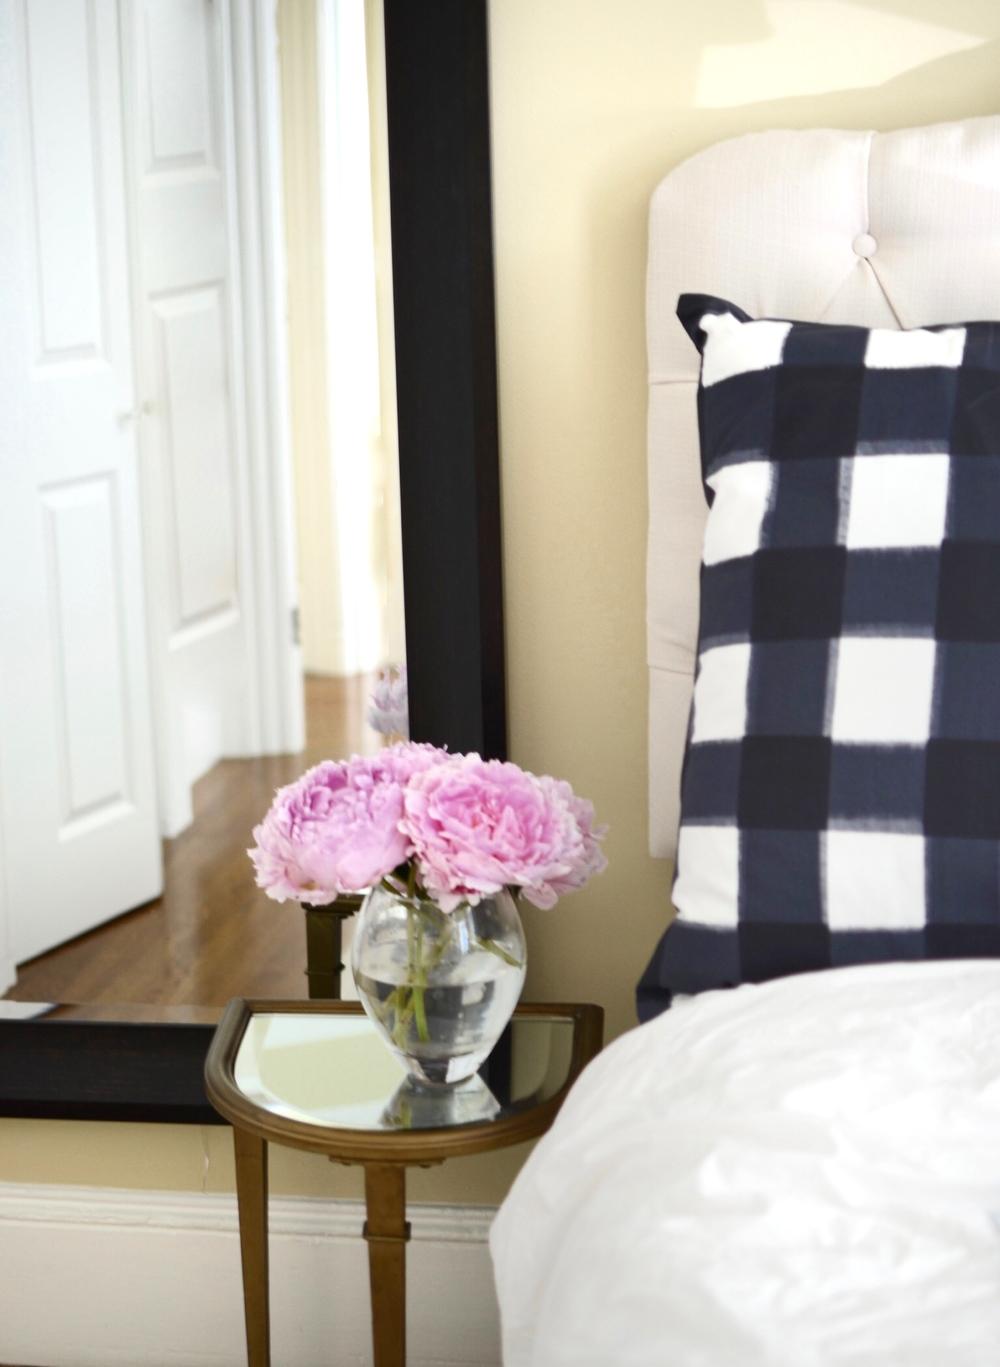 Pillows from Caitlin Wilson.